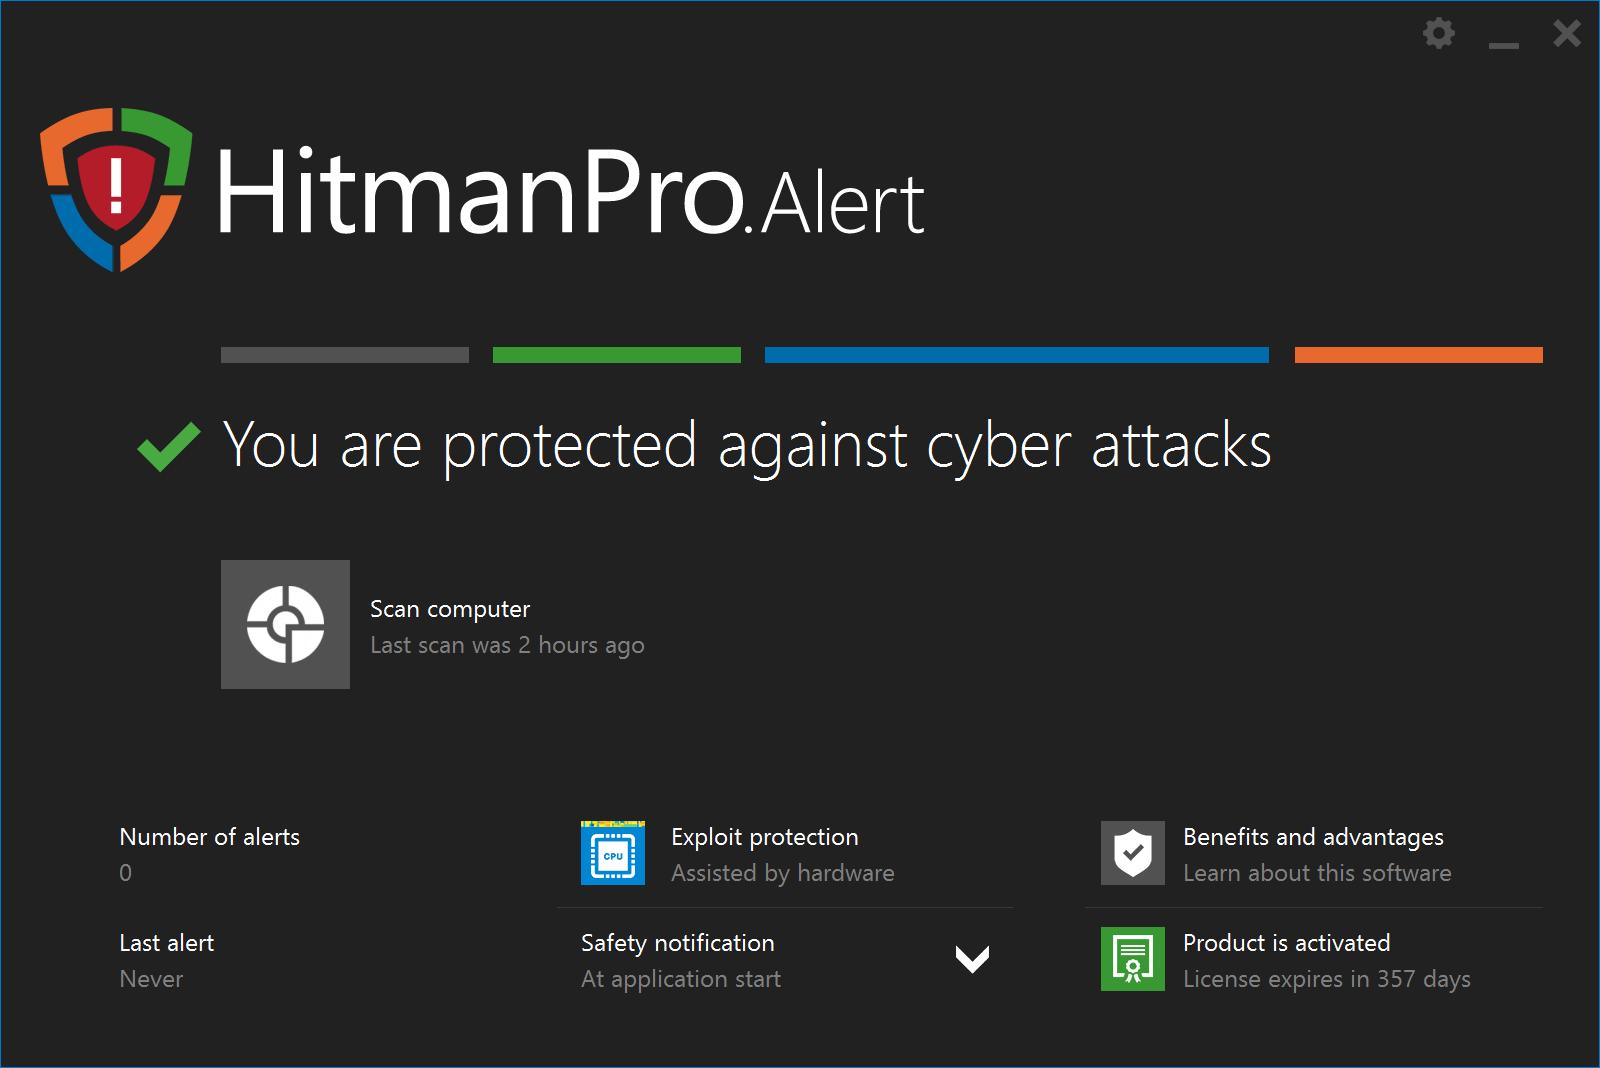 HitmanPro.Alert un programa a añadir además del antivirus - SmythSys IT Consulting